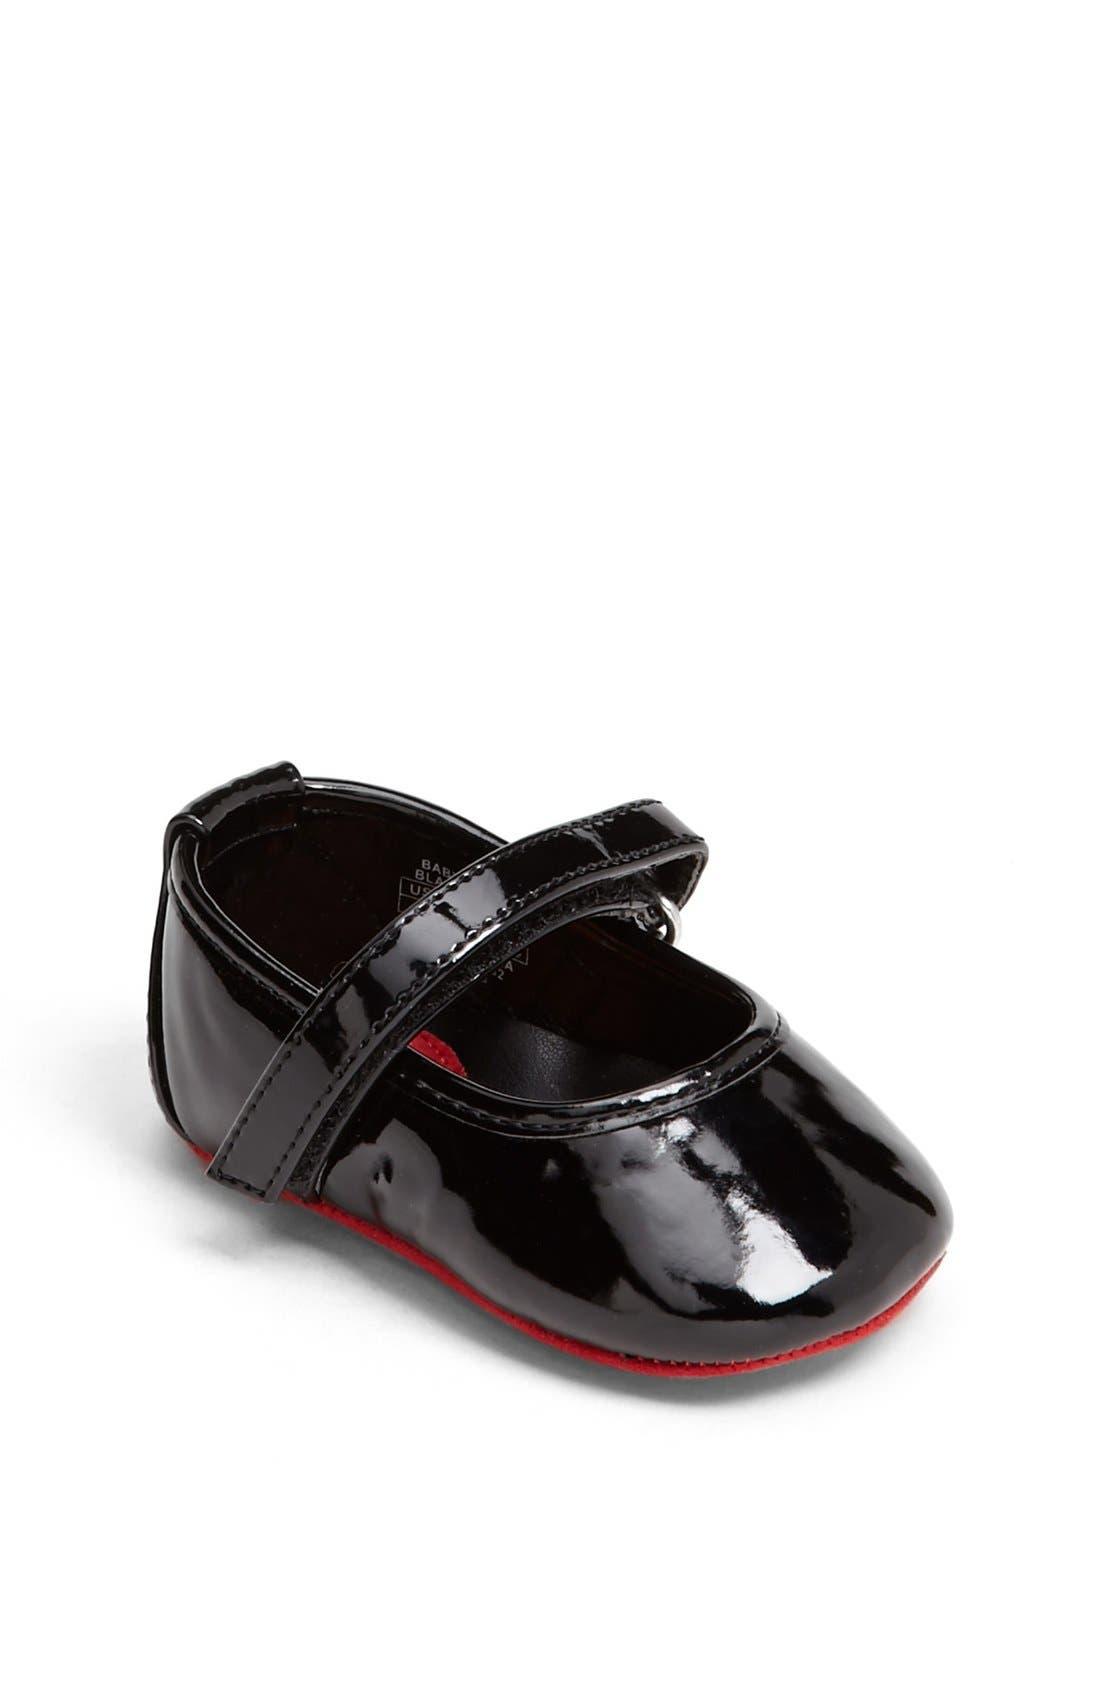 Main Image - Stuart Weitzman 'Baby Caviar' Patent Crib Shoe (Baby)